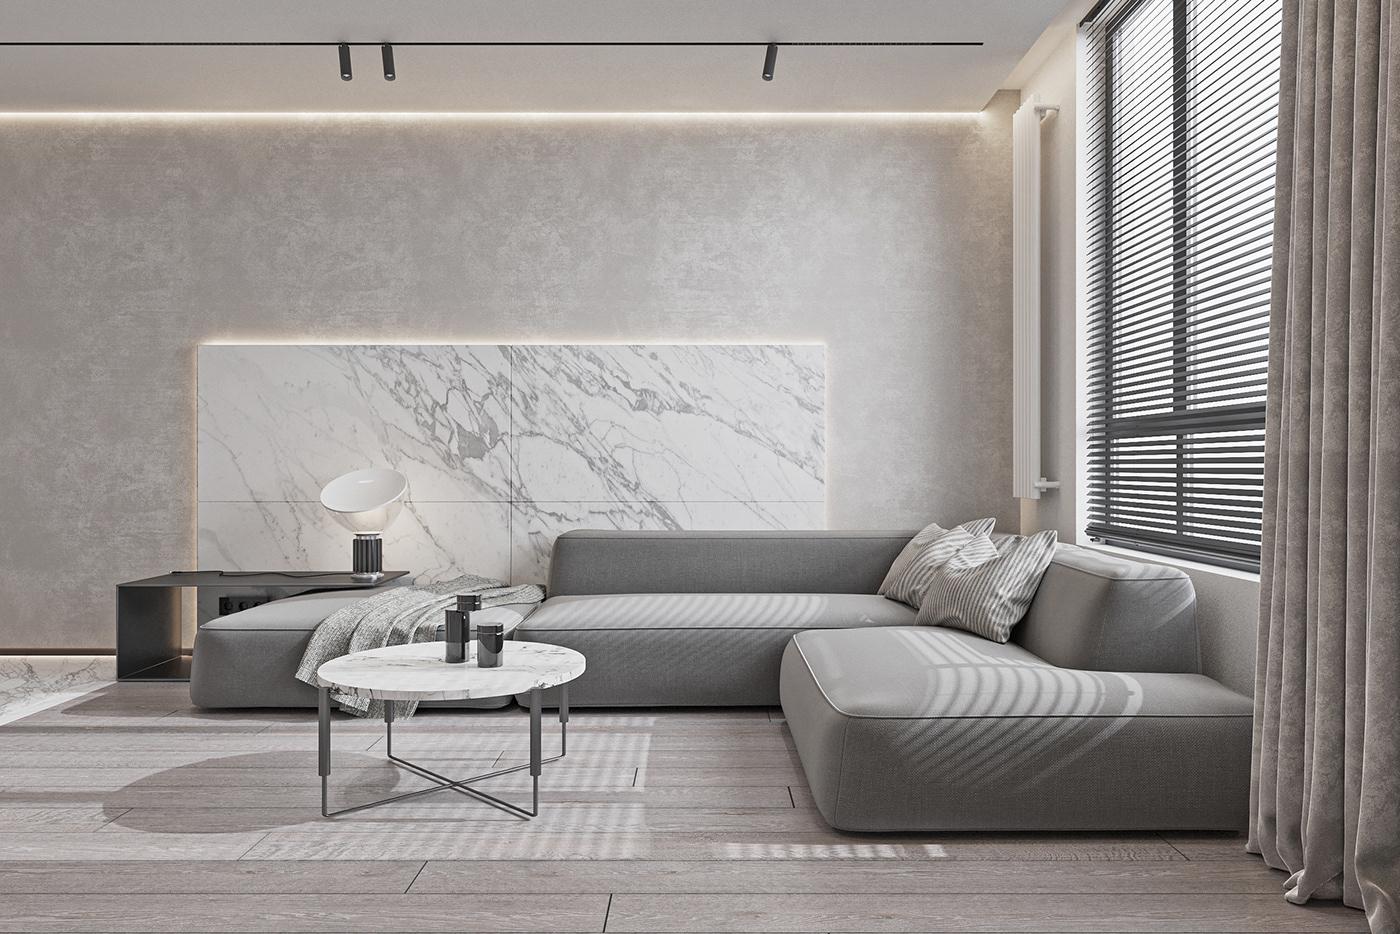 Kiến trúc sư tư vấn thiết kế căn hộ  50m² cho 3 người, chi phí tiết kiệm chỉ 114 triệu đồng - Ảnh 3.